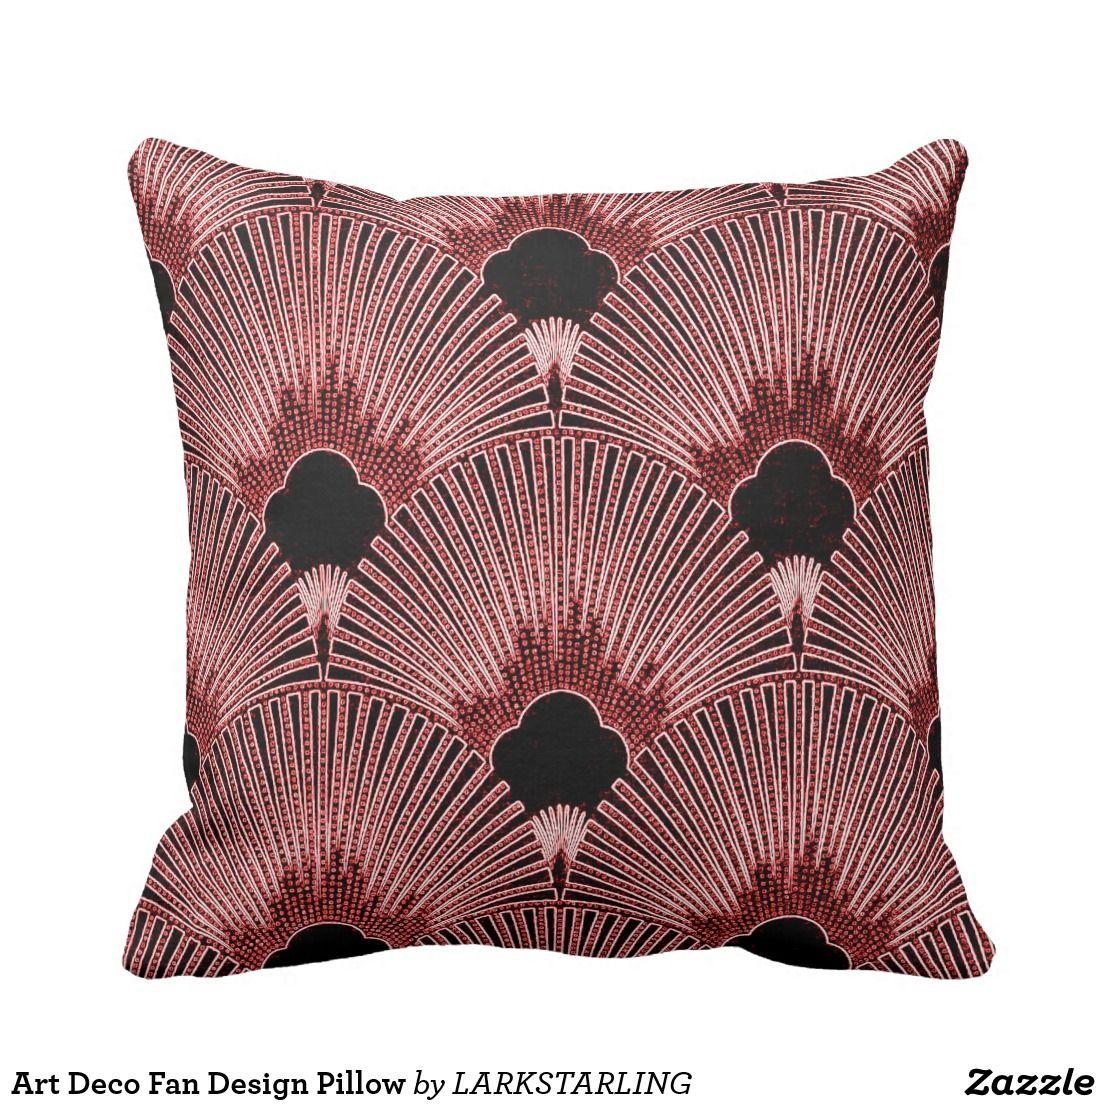 Art deco fan design pillow decor pillows pinterest pillows